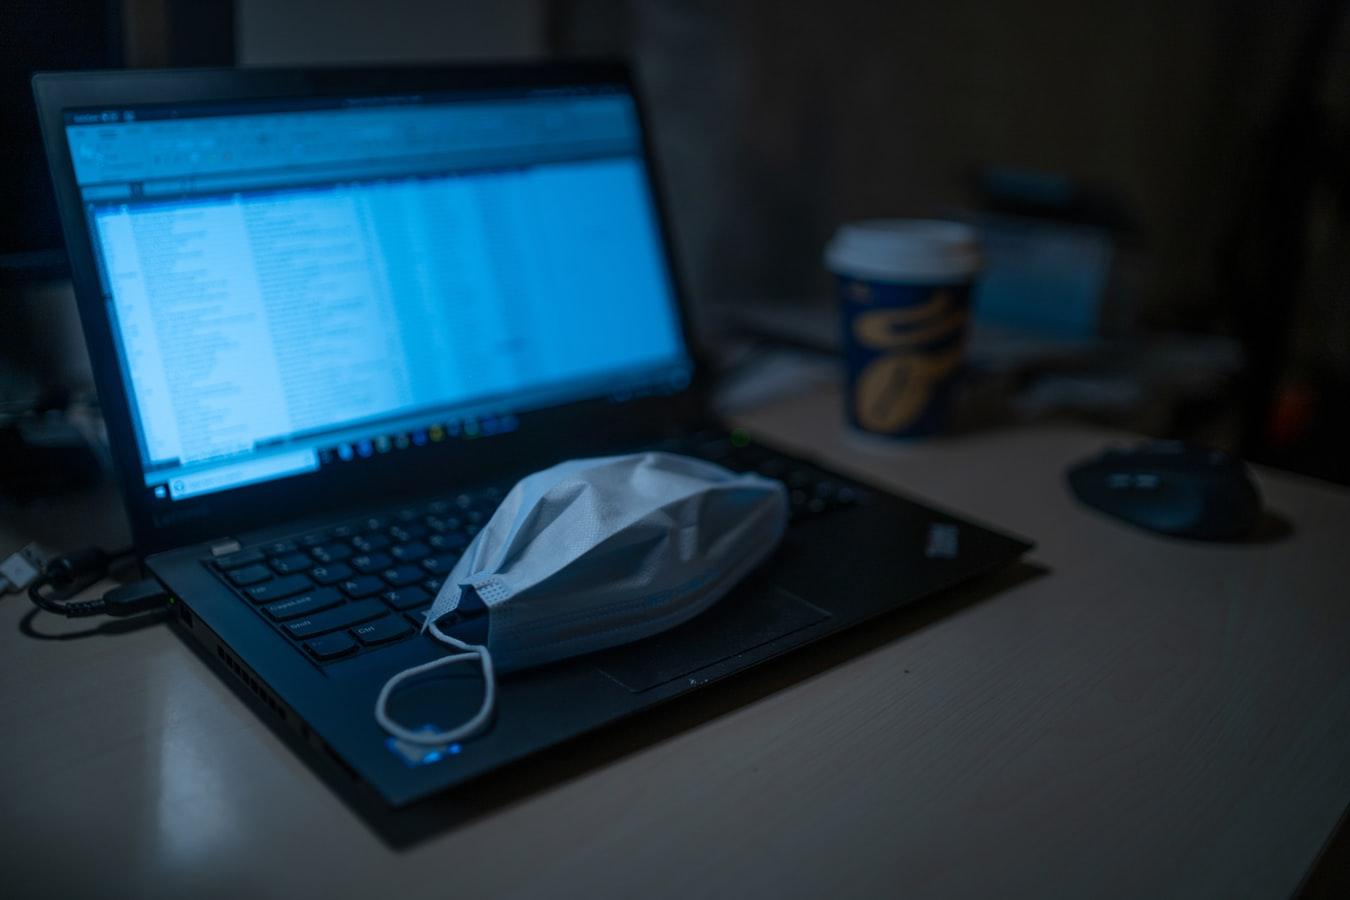 """Χάκερ """"χρησιμοποιούν"""" τον κορονοϊό για παγιδεύσουν τις συσκευές σας: Πώς να τους σταματήσετε"""